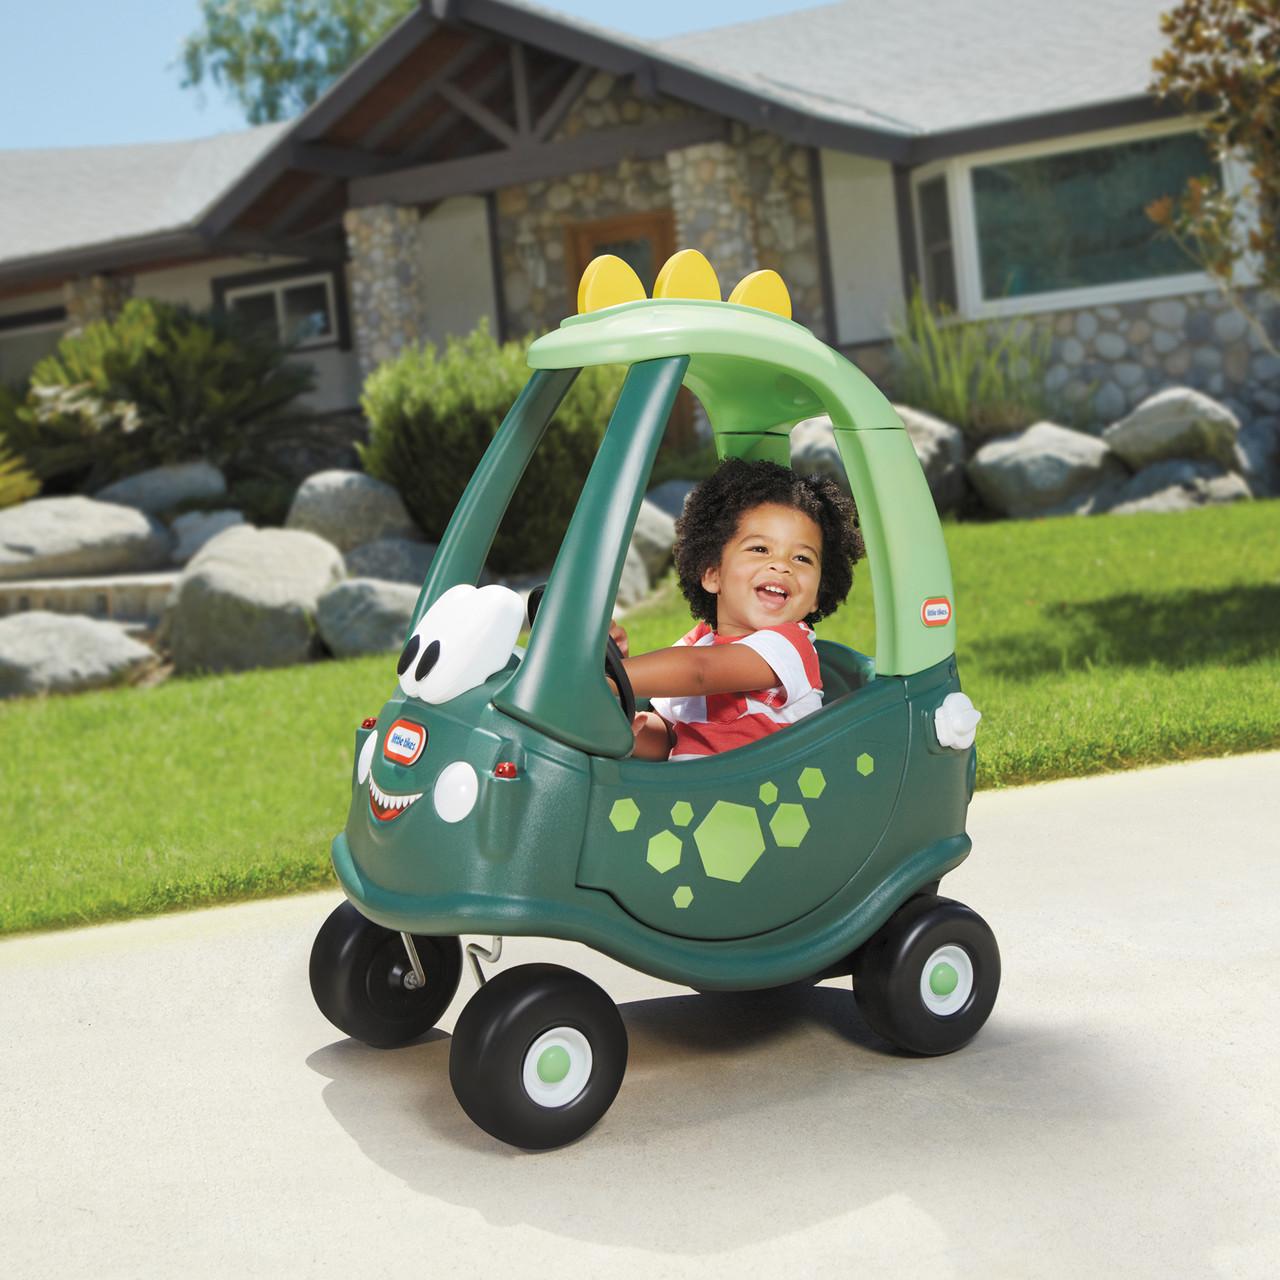 Бесплатная доставка! Машинка каталка для детей серии Cozy Coupe Little Tikes - Автомобильчик Дино